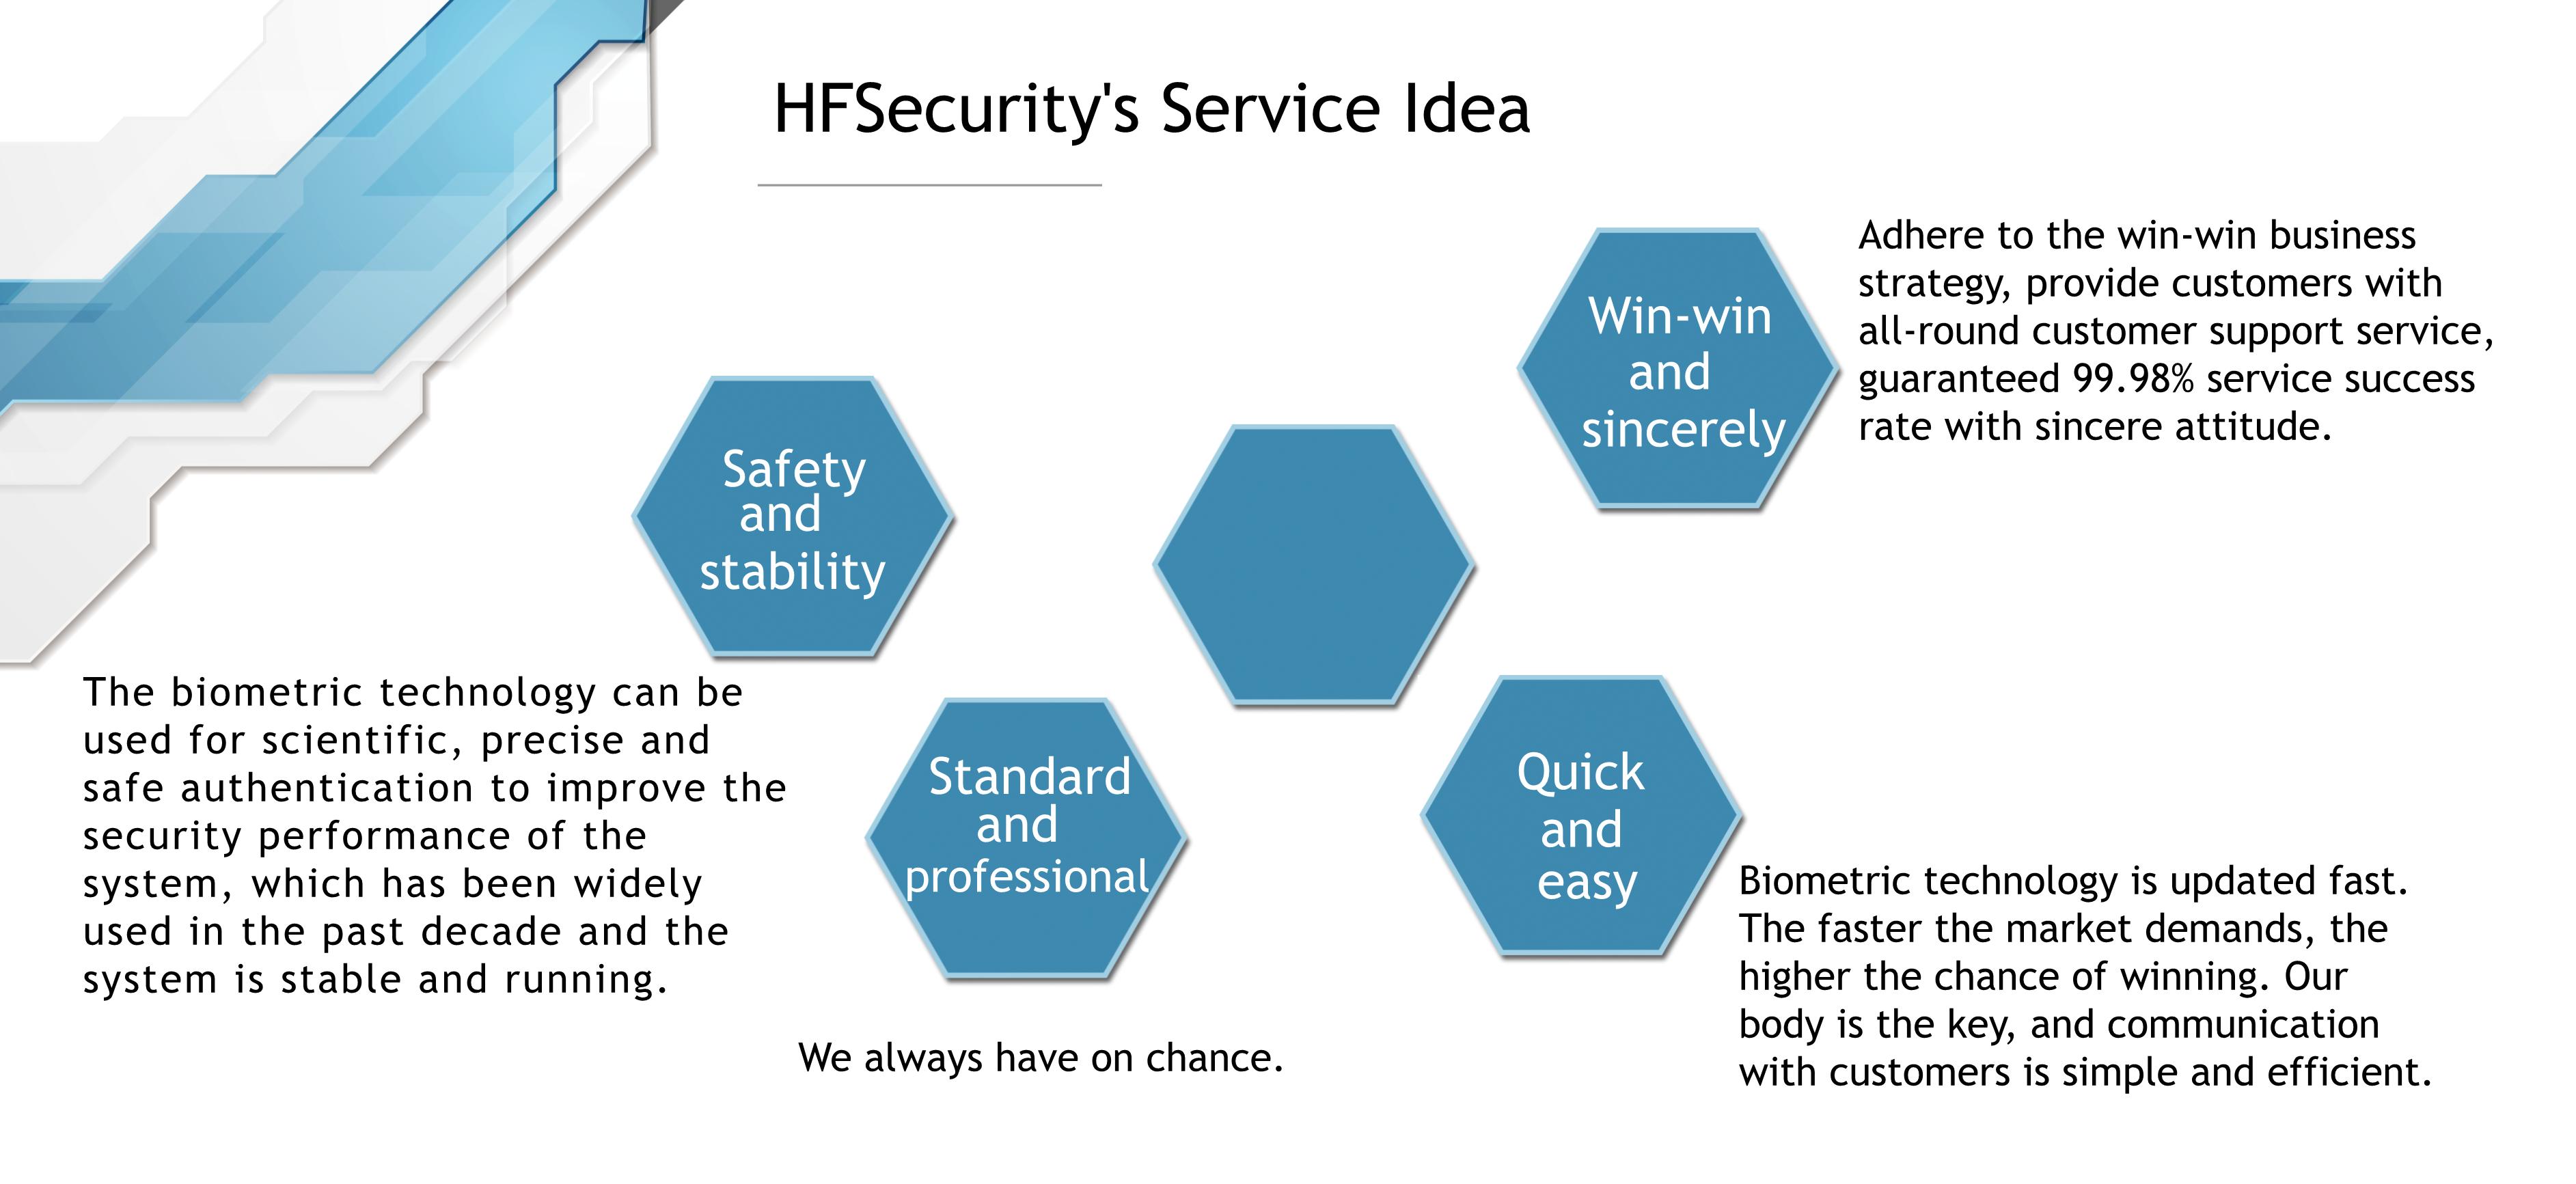 HFSecurity Idea